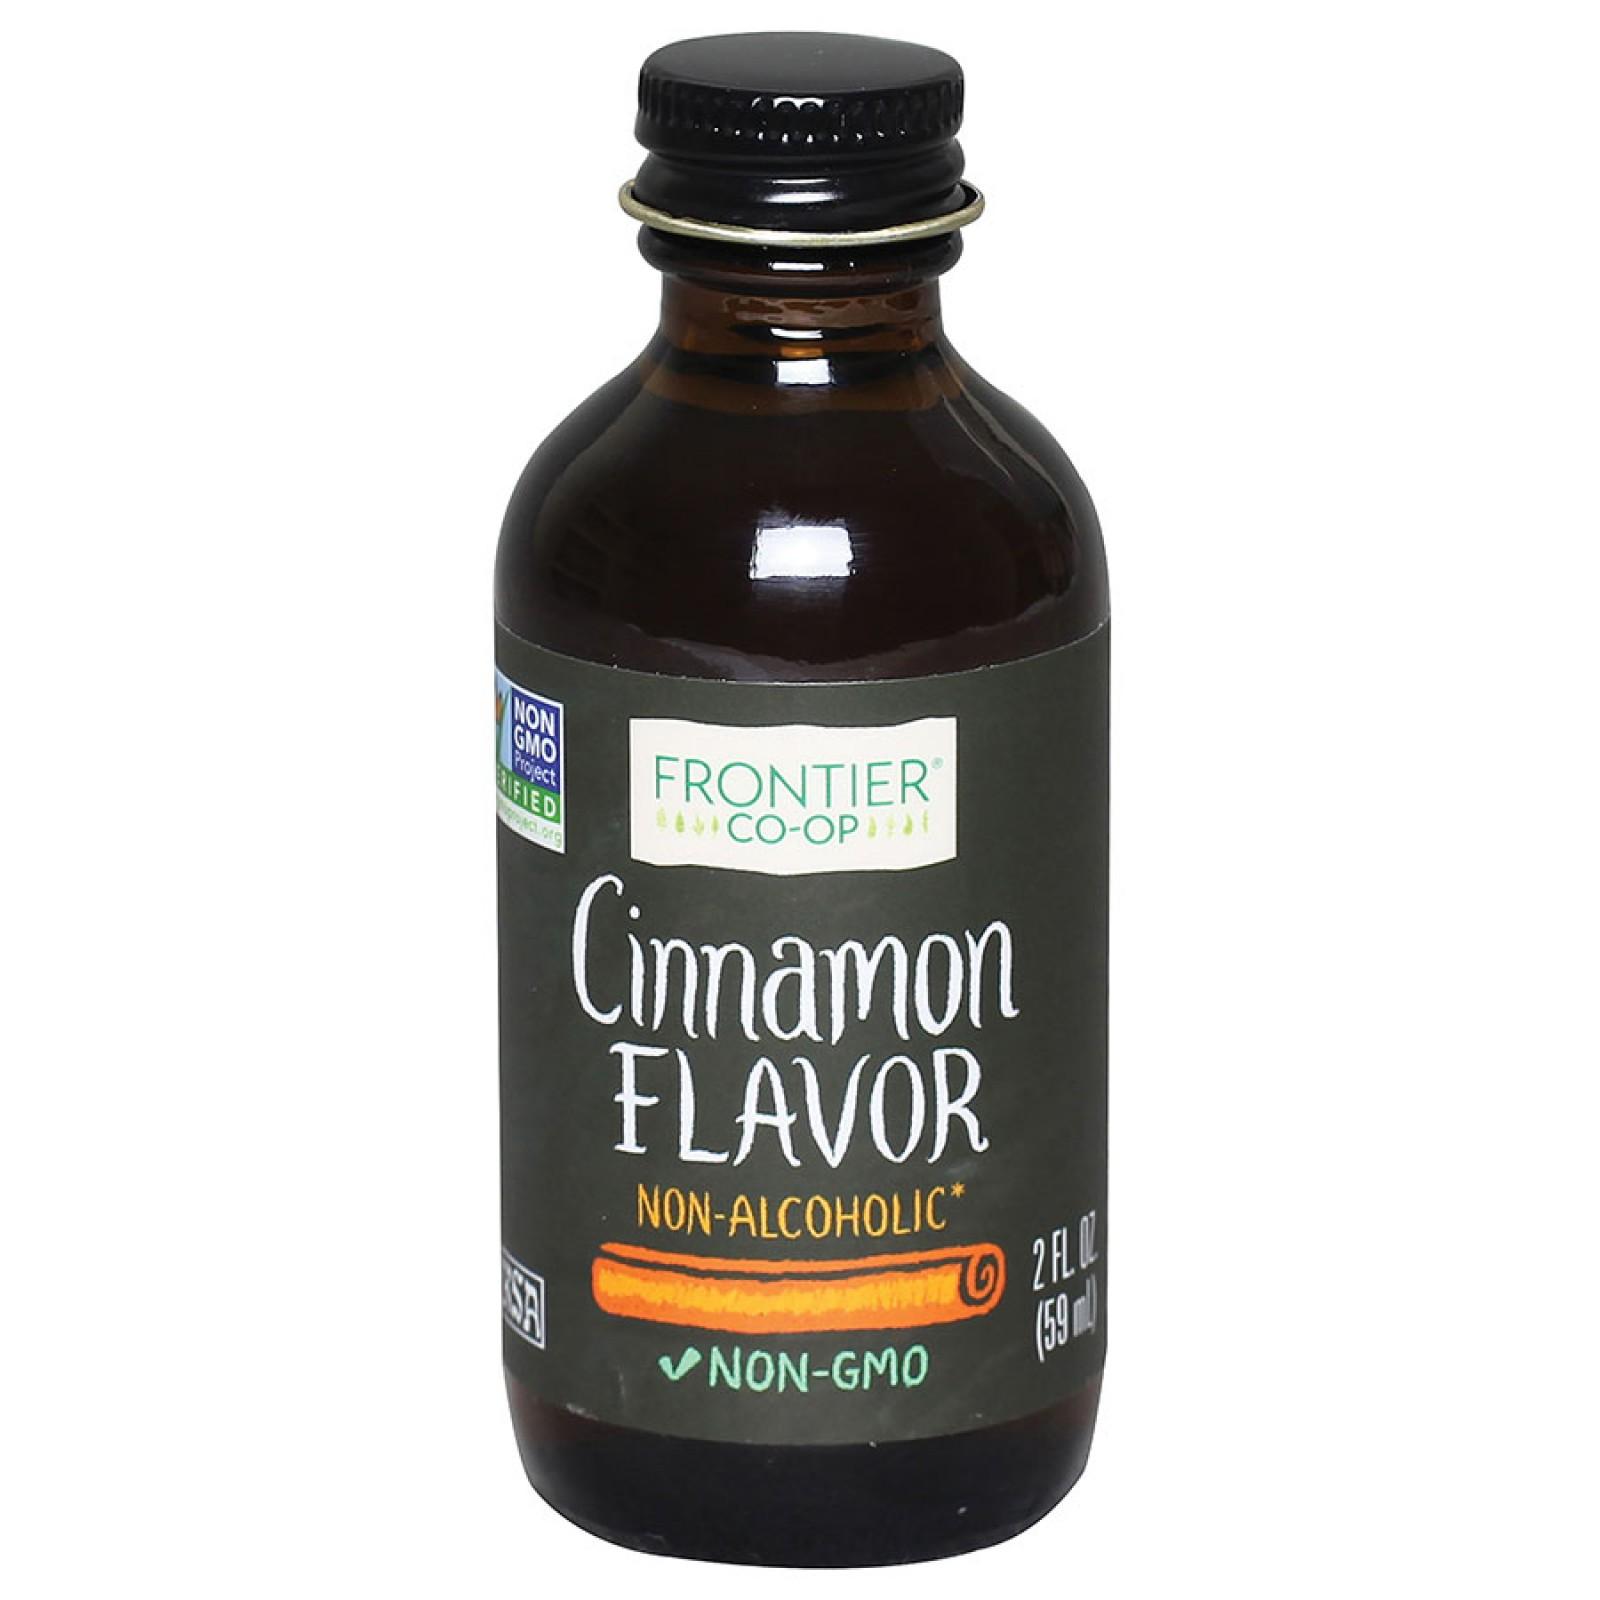 Frontier Herb Cinnamon Flavor A/F (1x2 Oz)